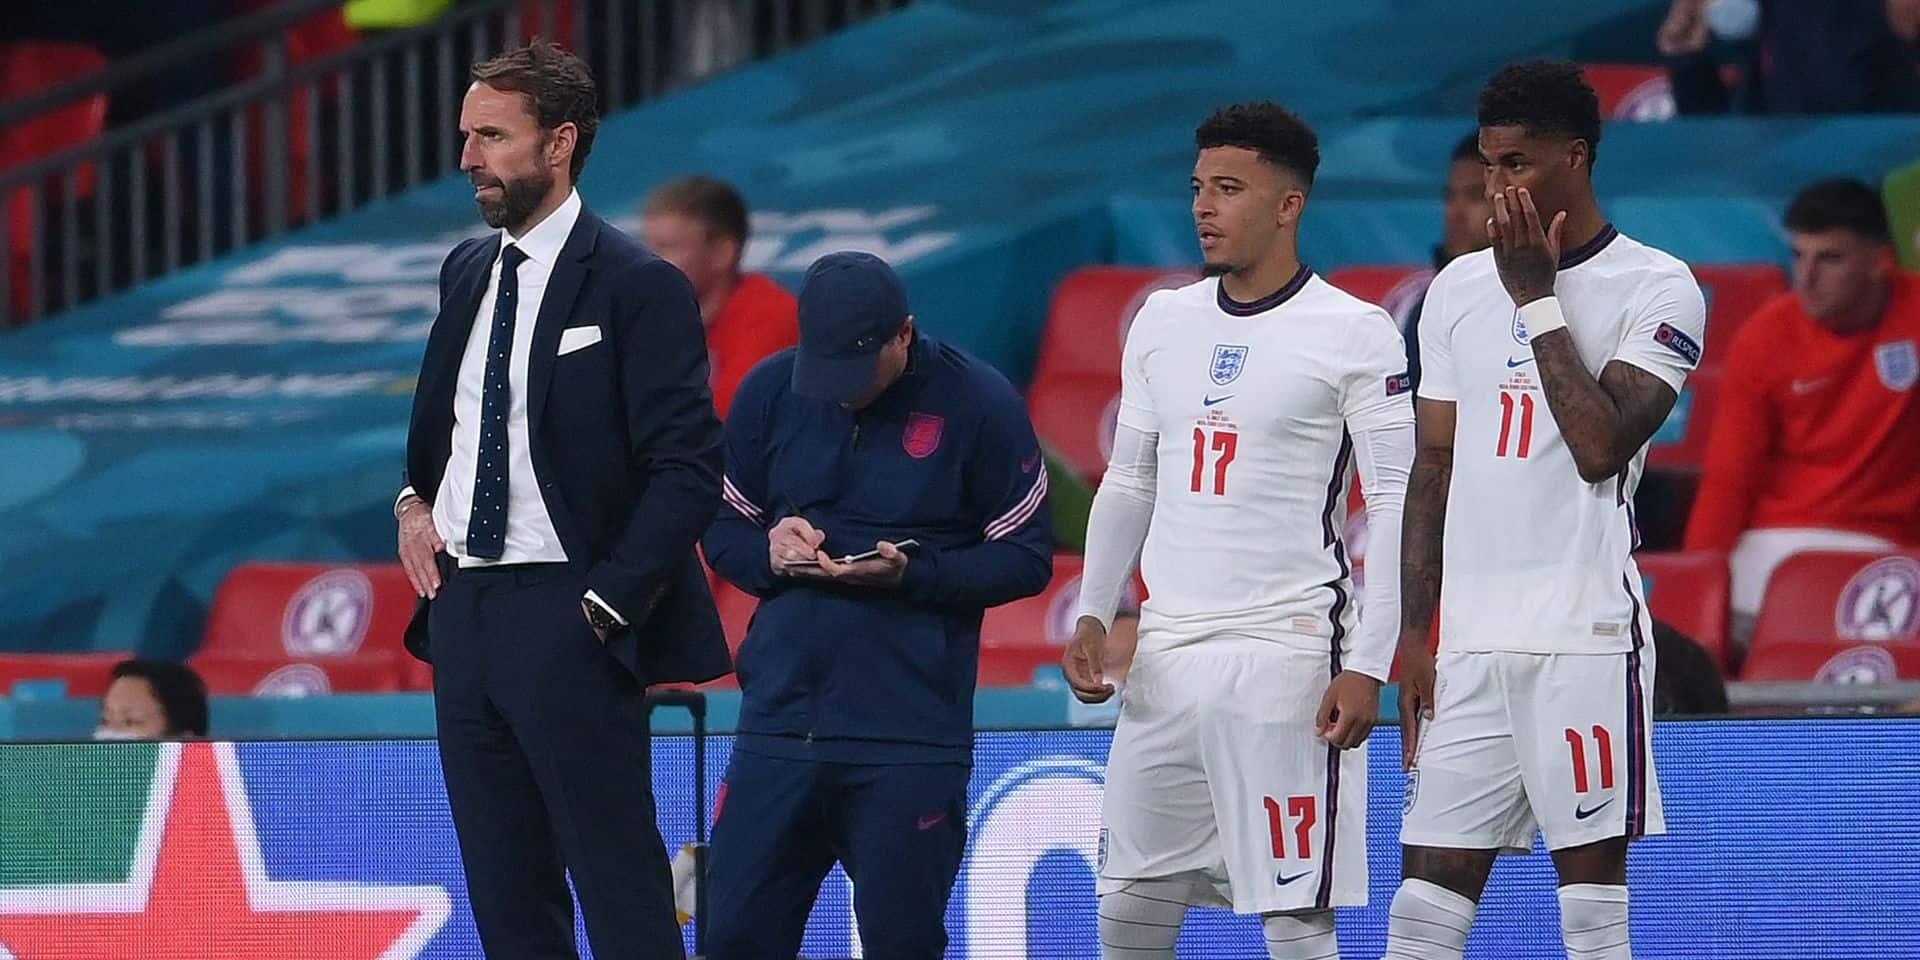 Twitter et Facebook suppriment une partie des insultes racistes visant des joueurs anglais